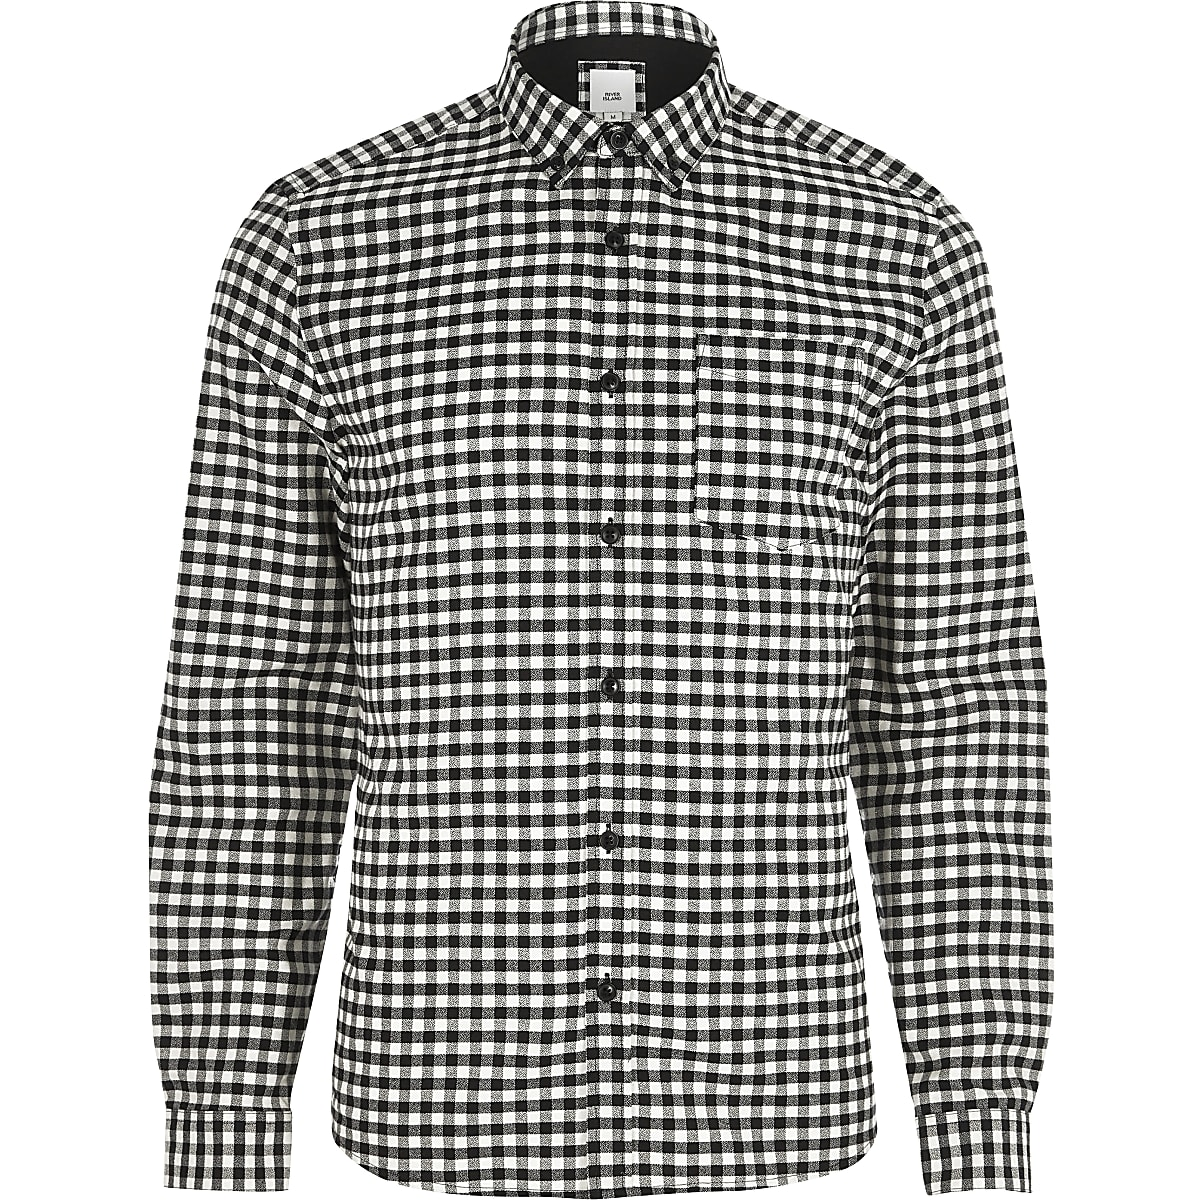 Overhemd Zwart Slim Fit.Zwart Slim Fit Overhemd Met Gingham Ruit En Button Down Kraag